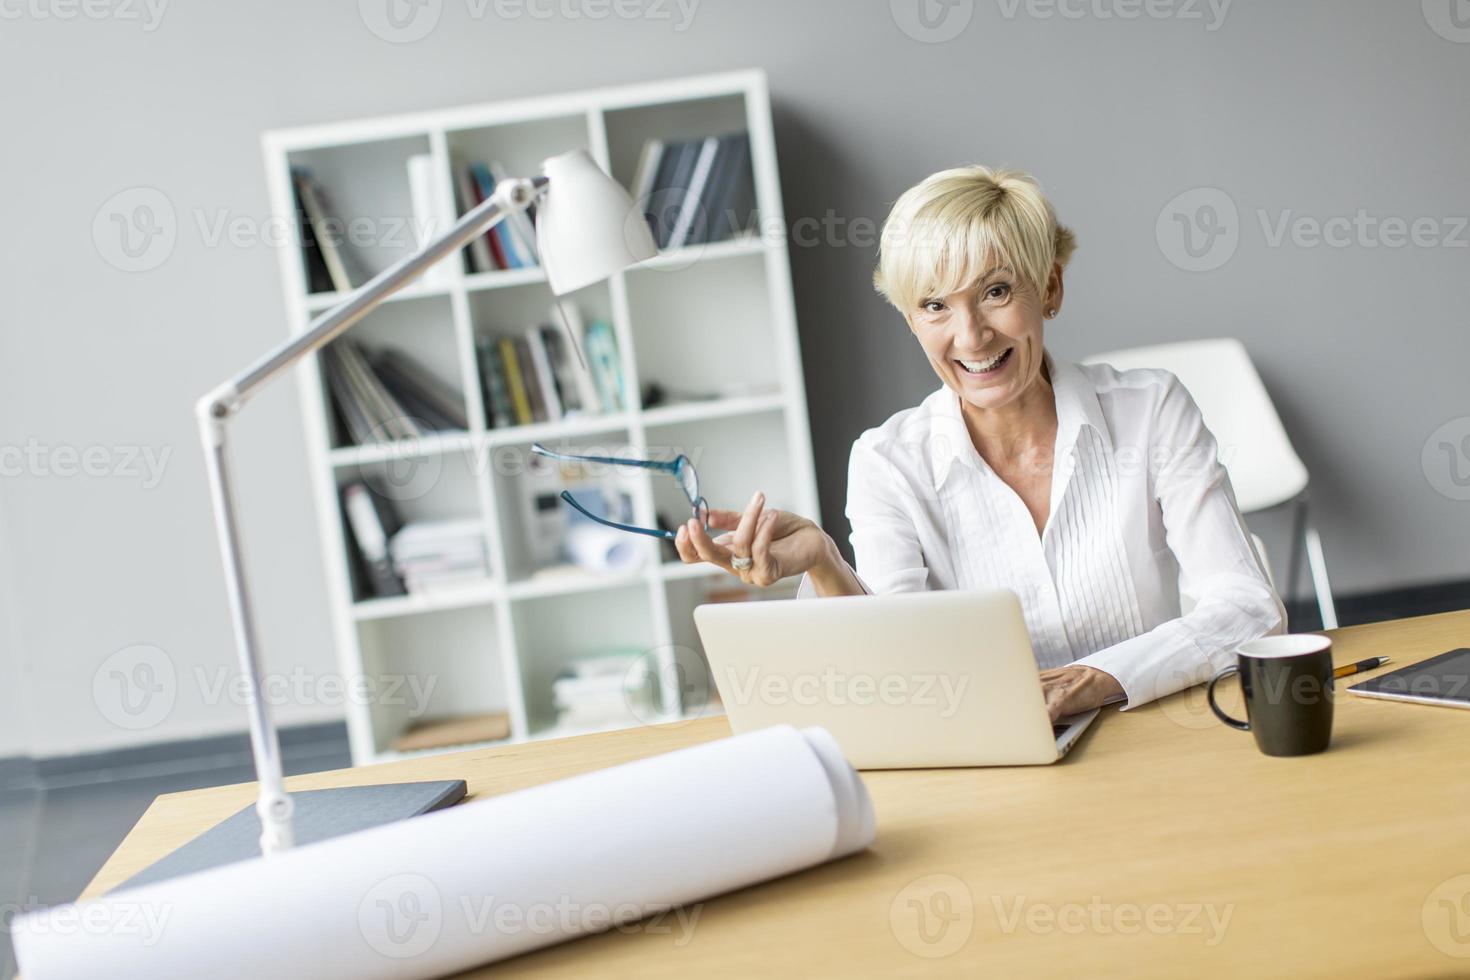 vrouw die werkt in het kantoor foto